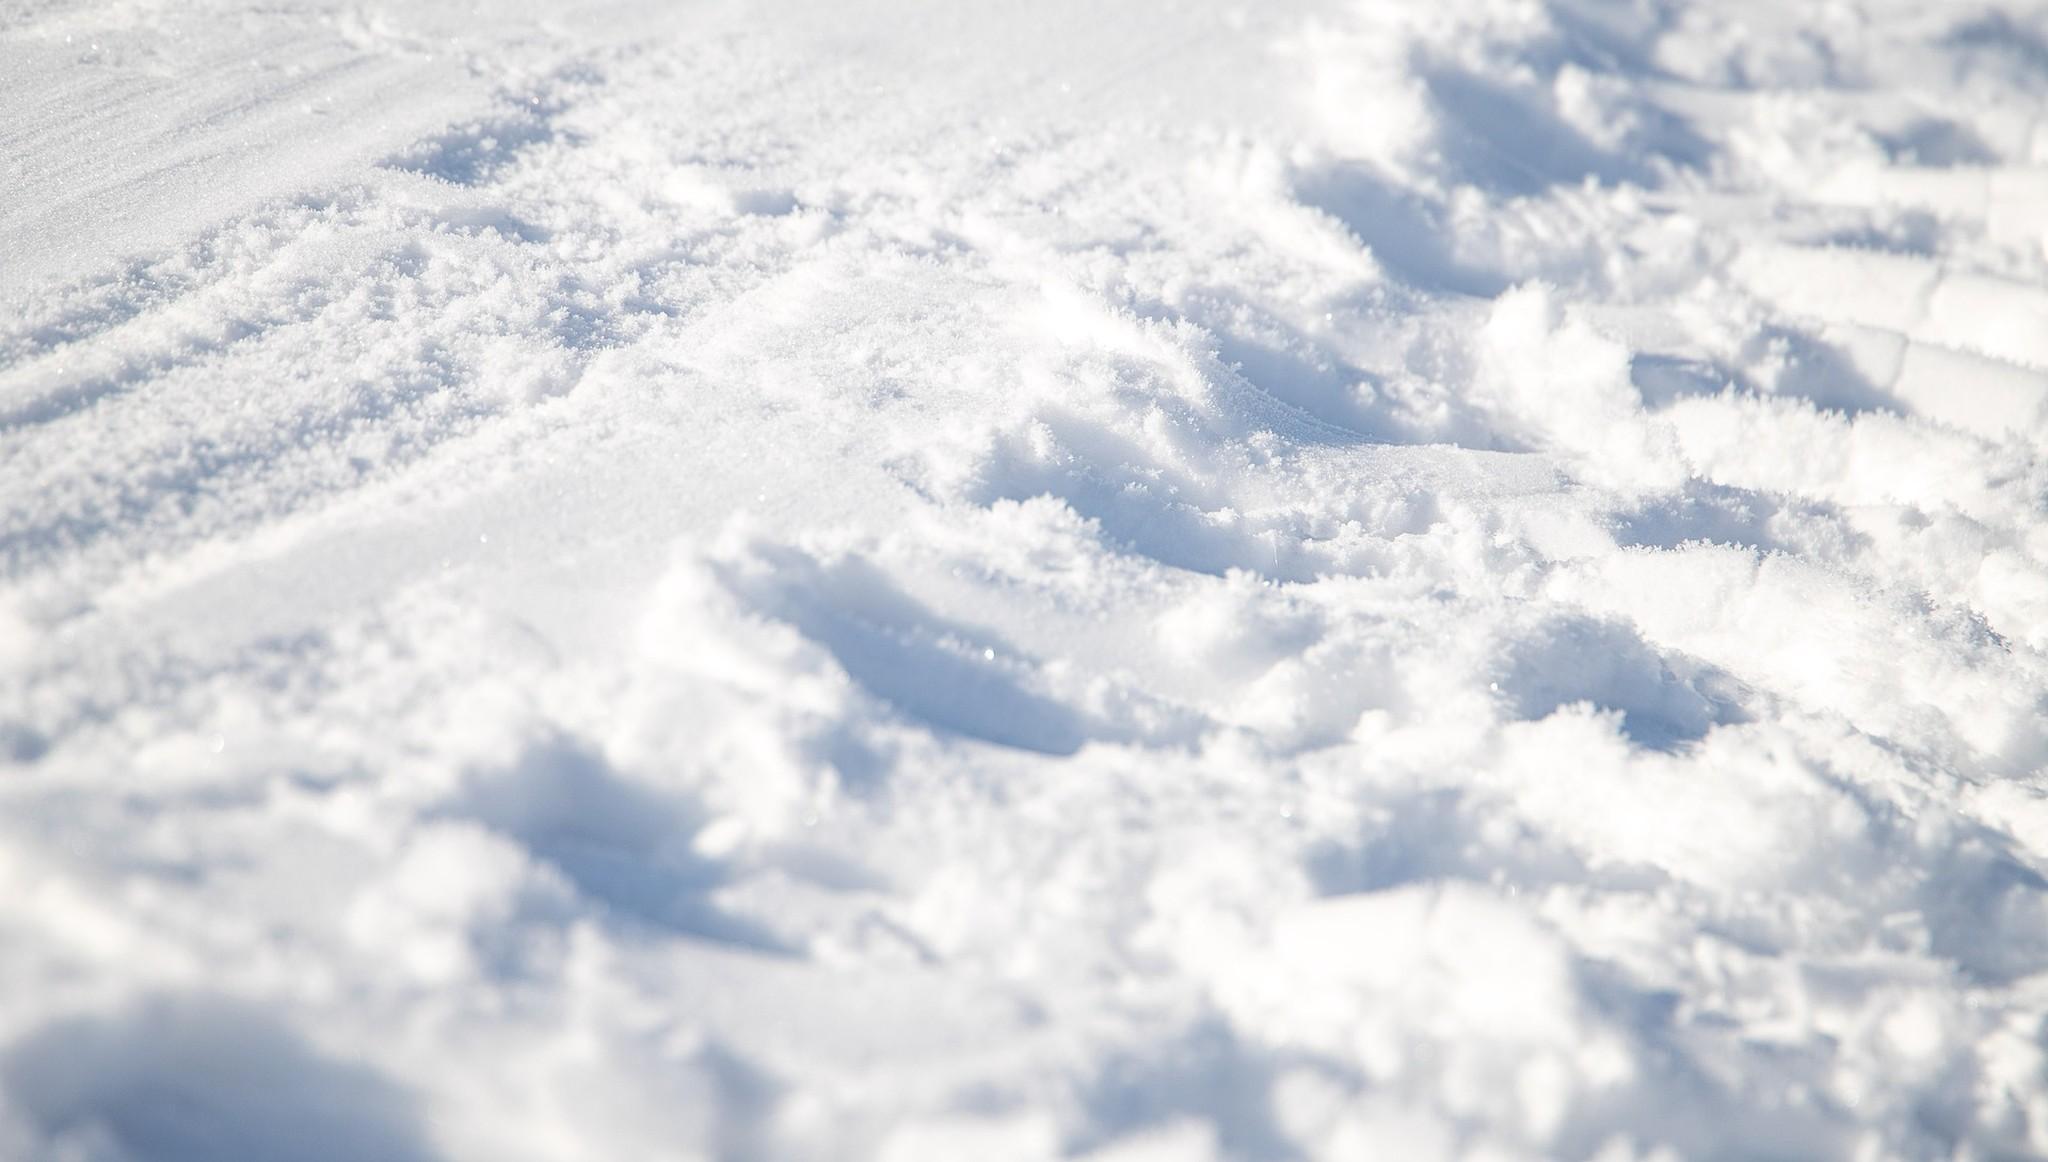 В Тверской области наказывают за плохую уборку снега во дворах и на дорогах - новости Афанасий